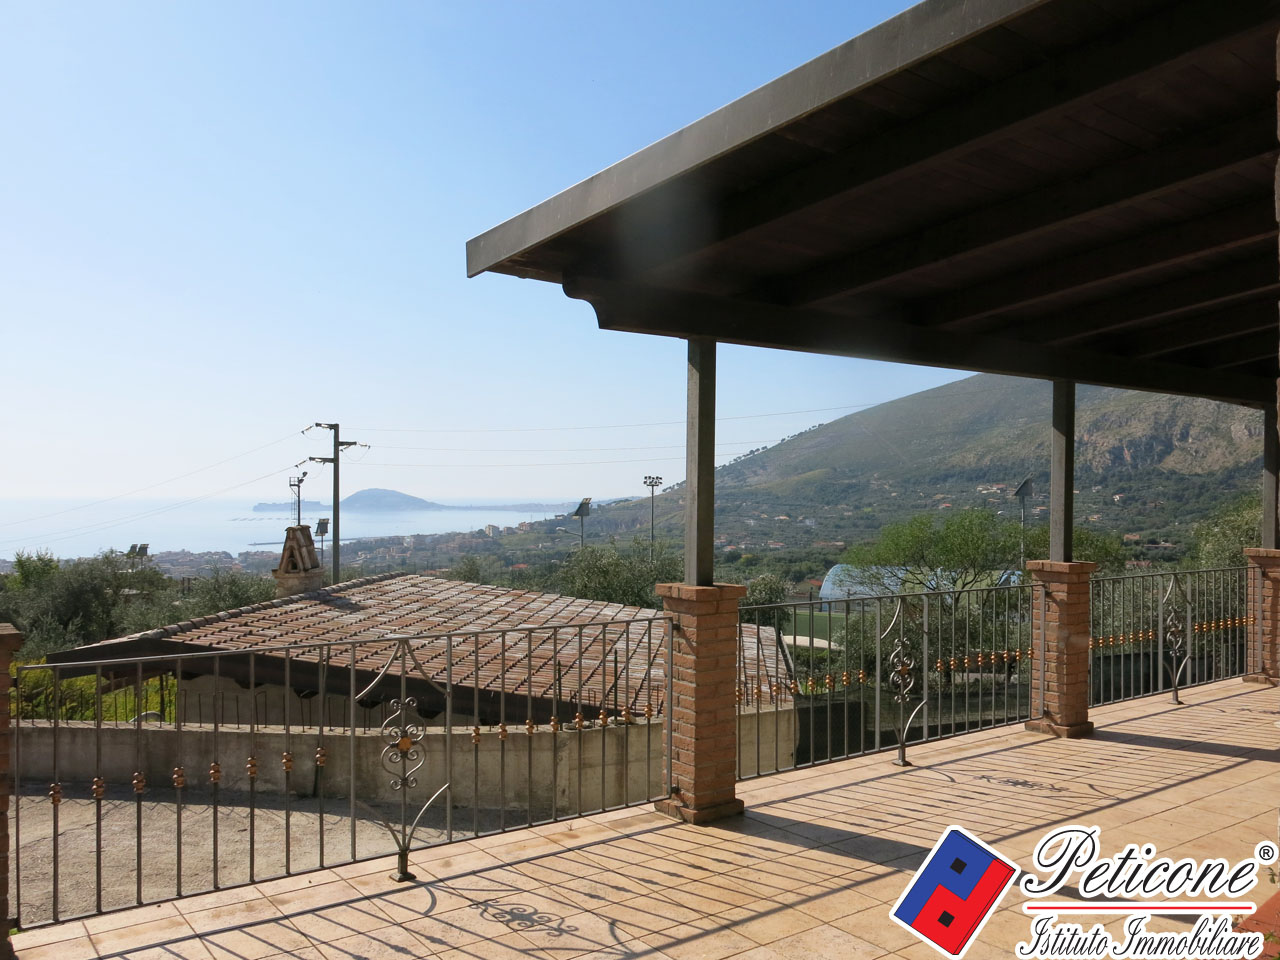 Villa in Vendita a Formia: 4 locali, 90 mq - Foto 15